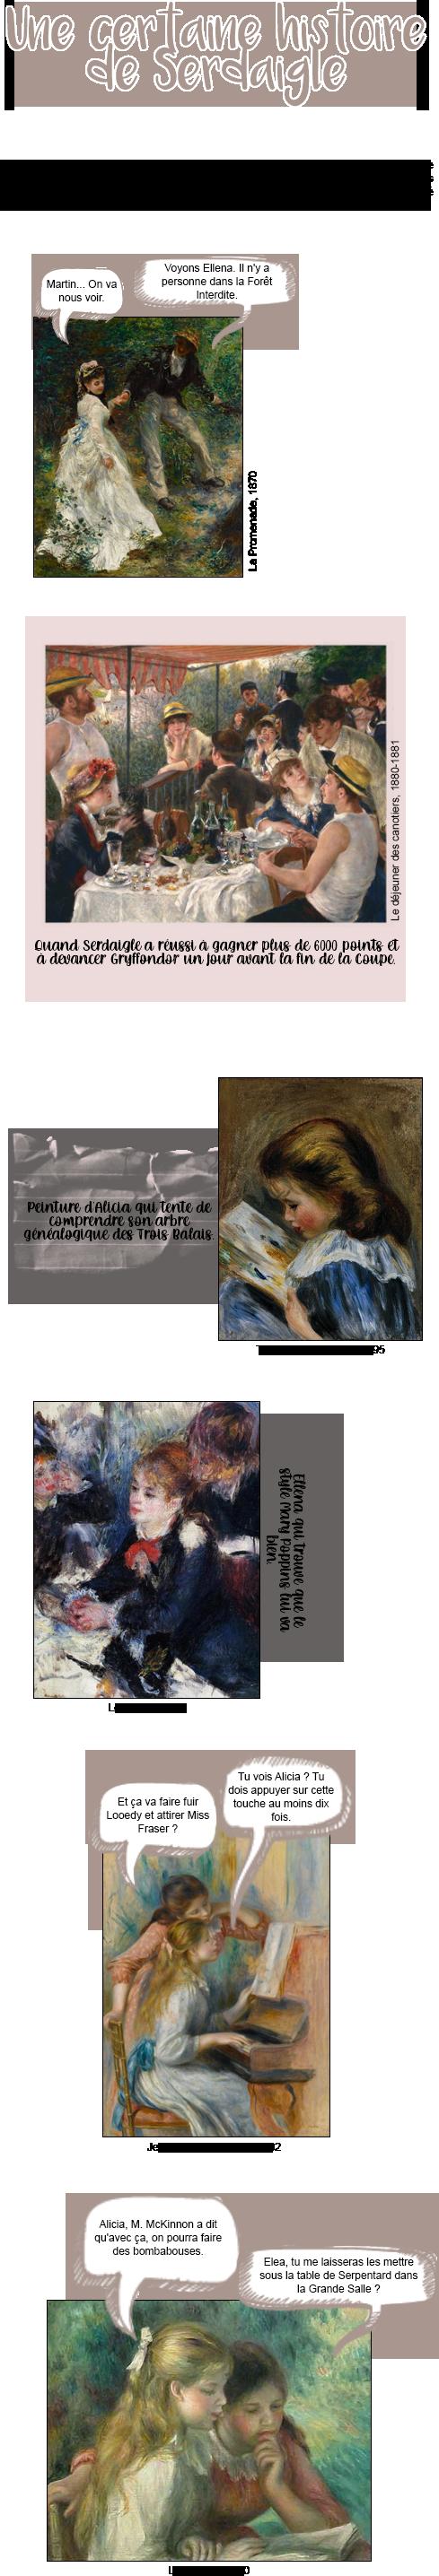 Dans toute maison, il y a des histoires. UNE histoire. Cette fois-ci, au lieu de remonter à une époque qui date à plus de 1000 ans, j'ai décidé de vous donner un aperçu du quotidien dans la Salle commune et plus précisément dans l'Équipe de maison. Pour ce faire, j'ai demandé à Pierre-Auguste Renoir de me prêter quelques œuvres. J'espère que vous apprécierez !  La Promenade, 1870 Femme : Martin... On va nous voir. Homme : Voyons Ellena. Il n'y a personne dans la Forêt Interdite.  Le déjeuner des canotiers, 1880-1881 Quand Serdaigle a réussi à gagner plus de 6000 points et à devancer Gryffondor un jour avant la fin de la Coupe.  The Picture book, ca. 1895 Peinture d'Alicia qui tente de comprendre son arbre généalogique des Trois Balais.  Le Milliner, 1878 Ellena qui trouve que le style Mary Poppins lui va bien.  Jeunes filles au piano, 1892 Blonde : Tu vois Alicia ? Tu dois appuyer sur cette touche au moins dix fois. Brune : Et ça va faire fuir Looedy et attirer Miss Fraser ?  La Lecture, 1890 Blonde : Alicia, M. McKinnon a dit qu'avec ça, on pourra faire des bombabouses. Brune : Elea, tu me laisseras les mettre sous la table de Serpentard dans la Grande Salle ?